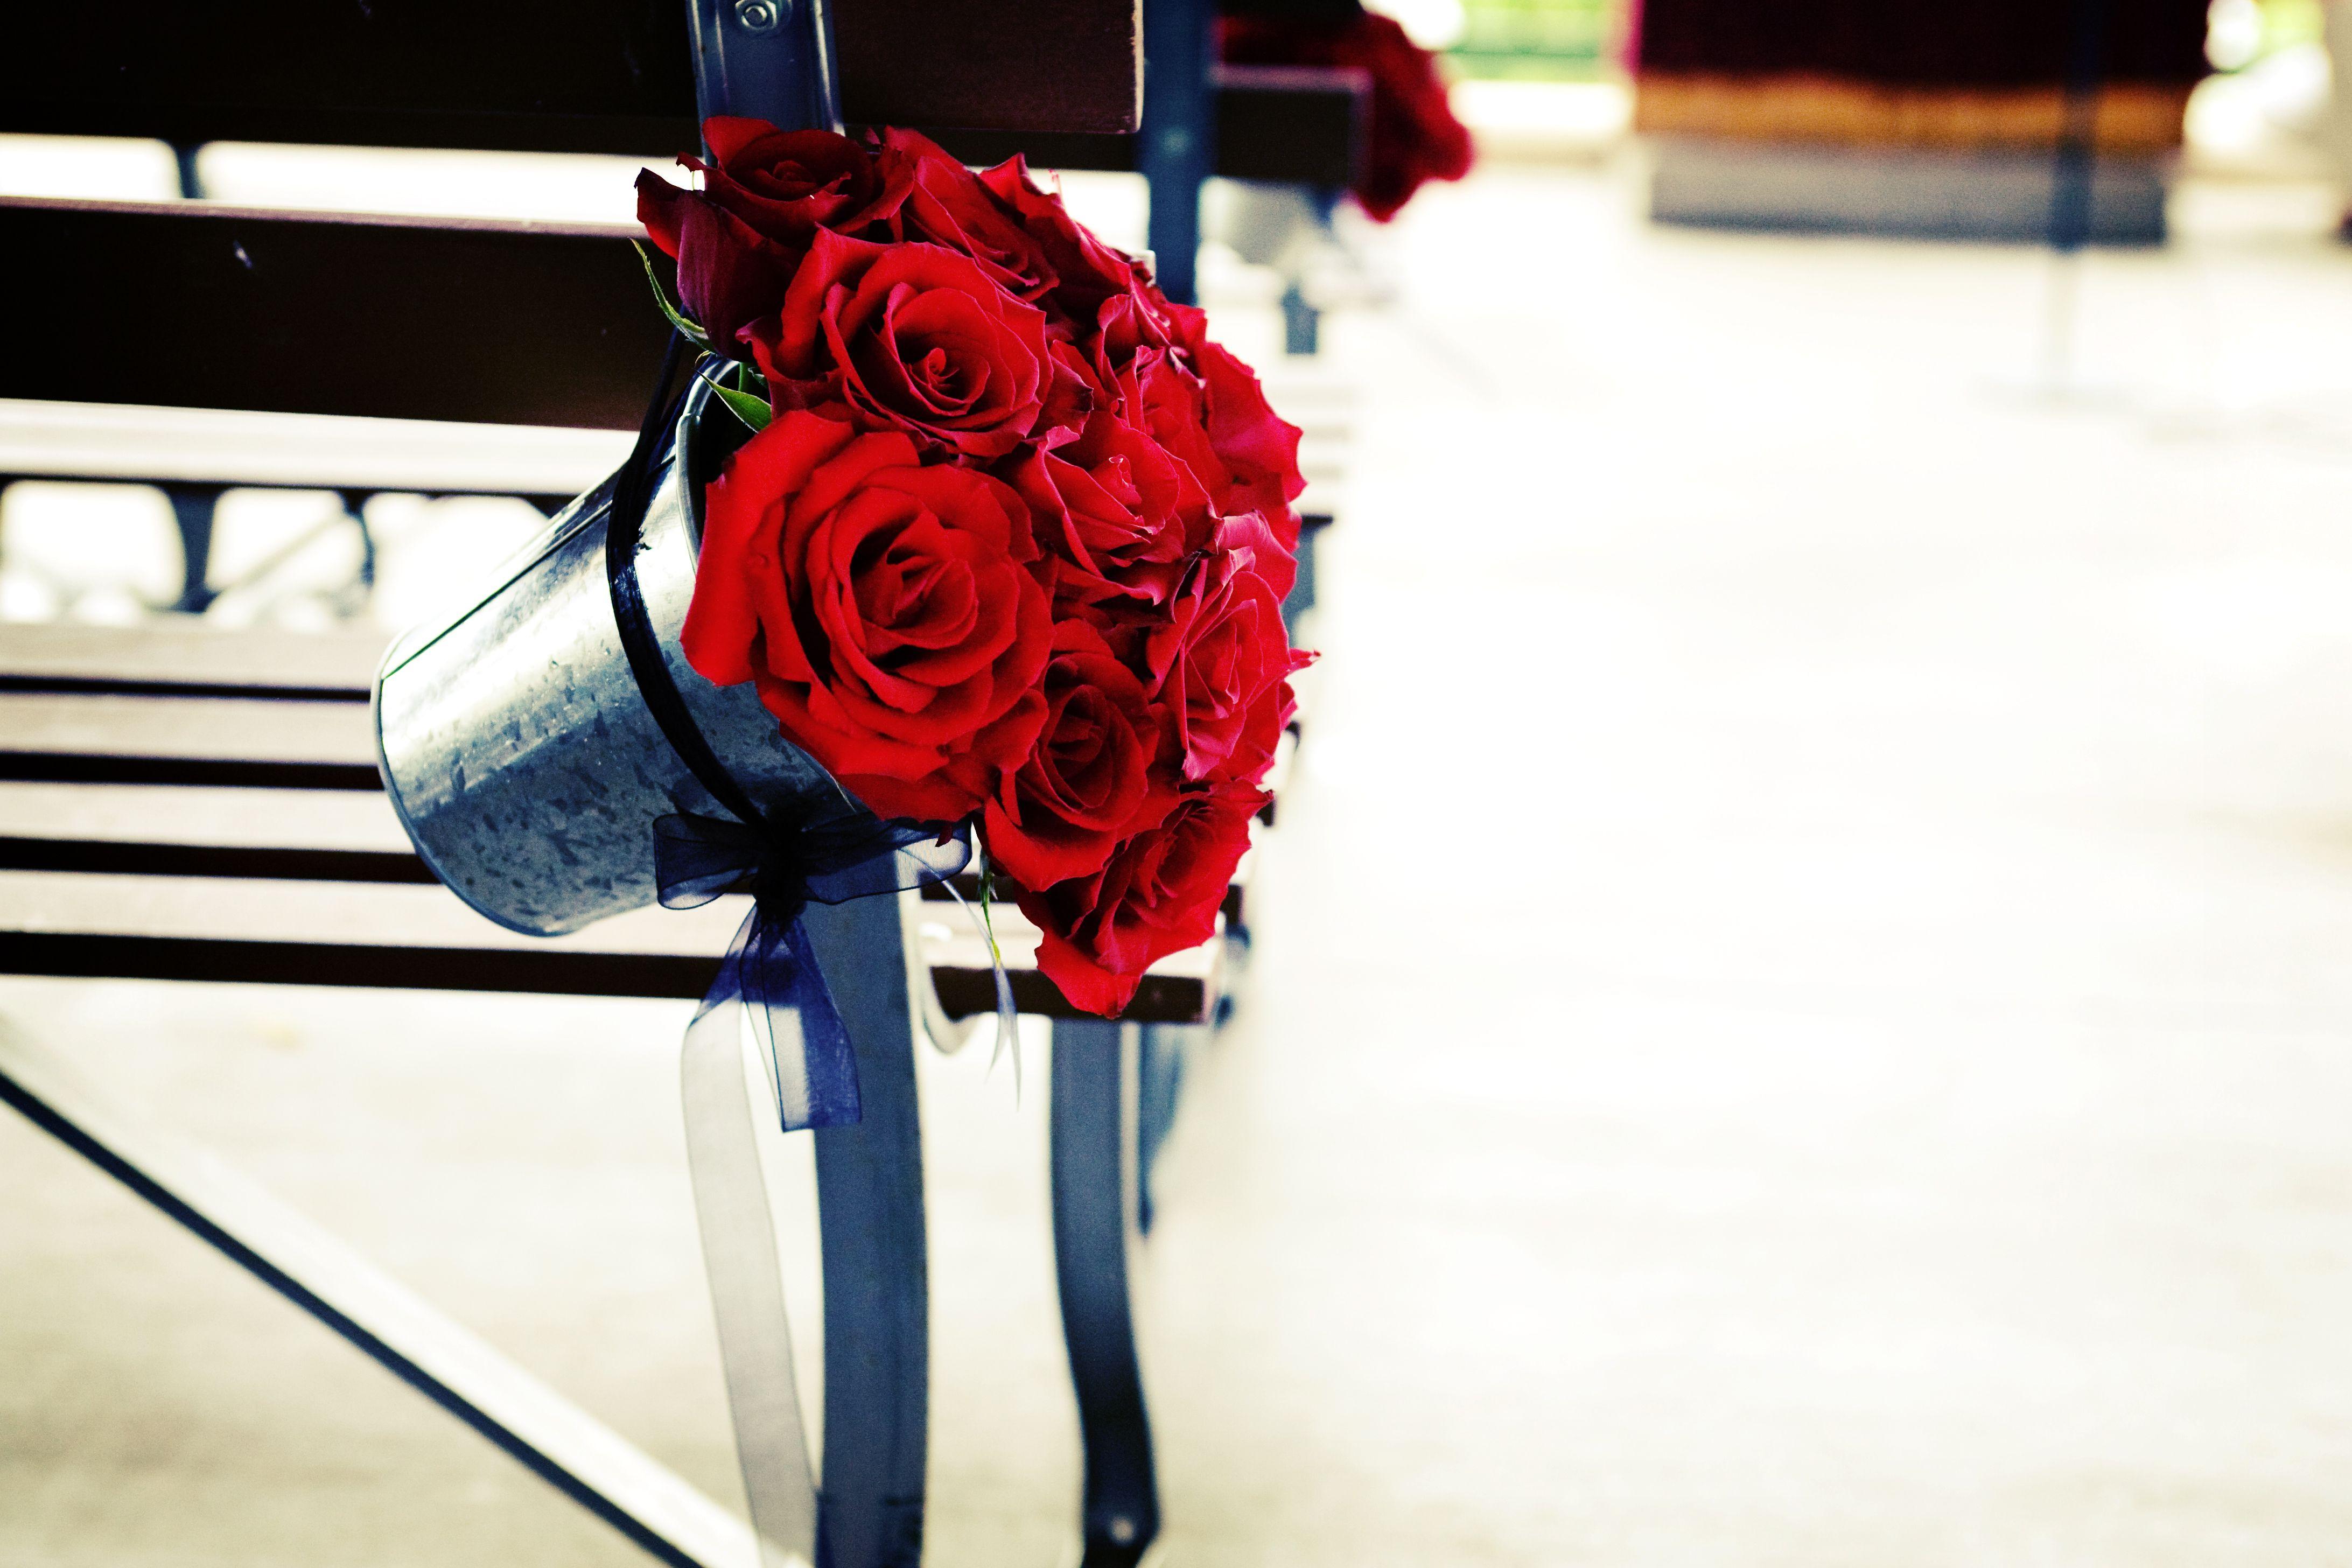 wedding aisle, wedding decor, pew decor, red roses, wedding roses ...